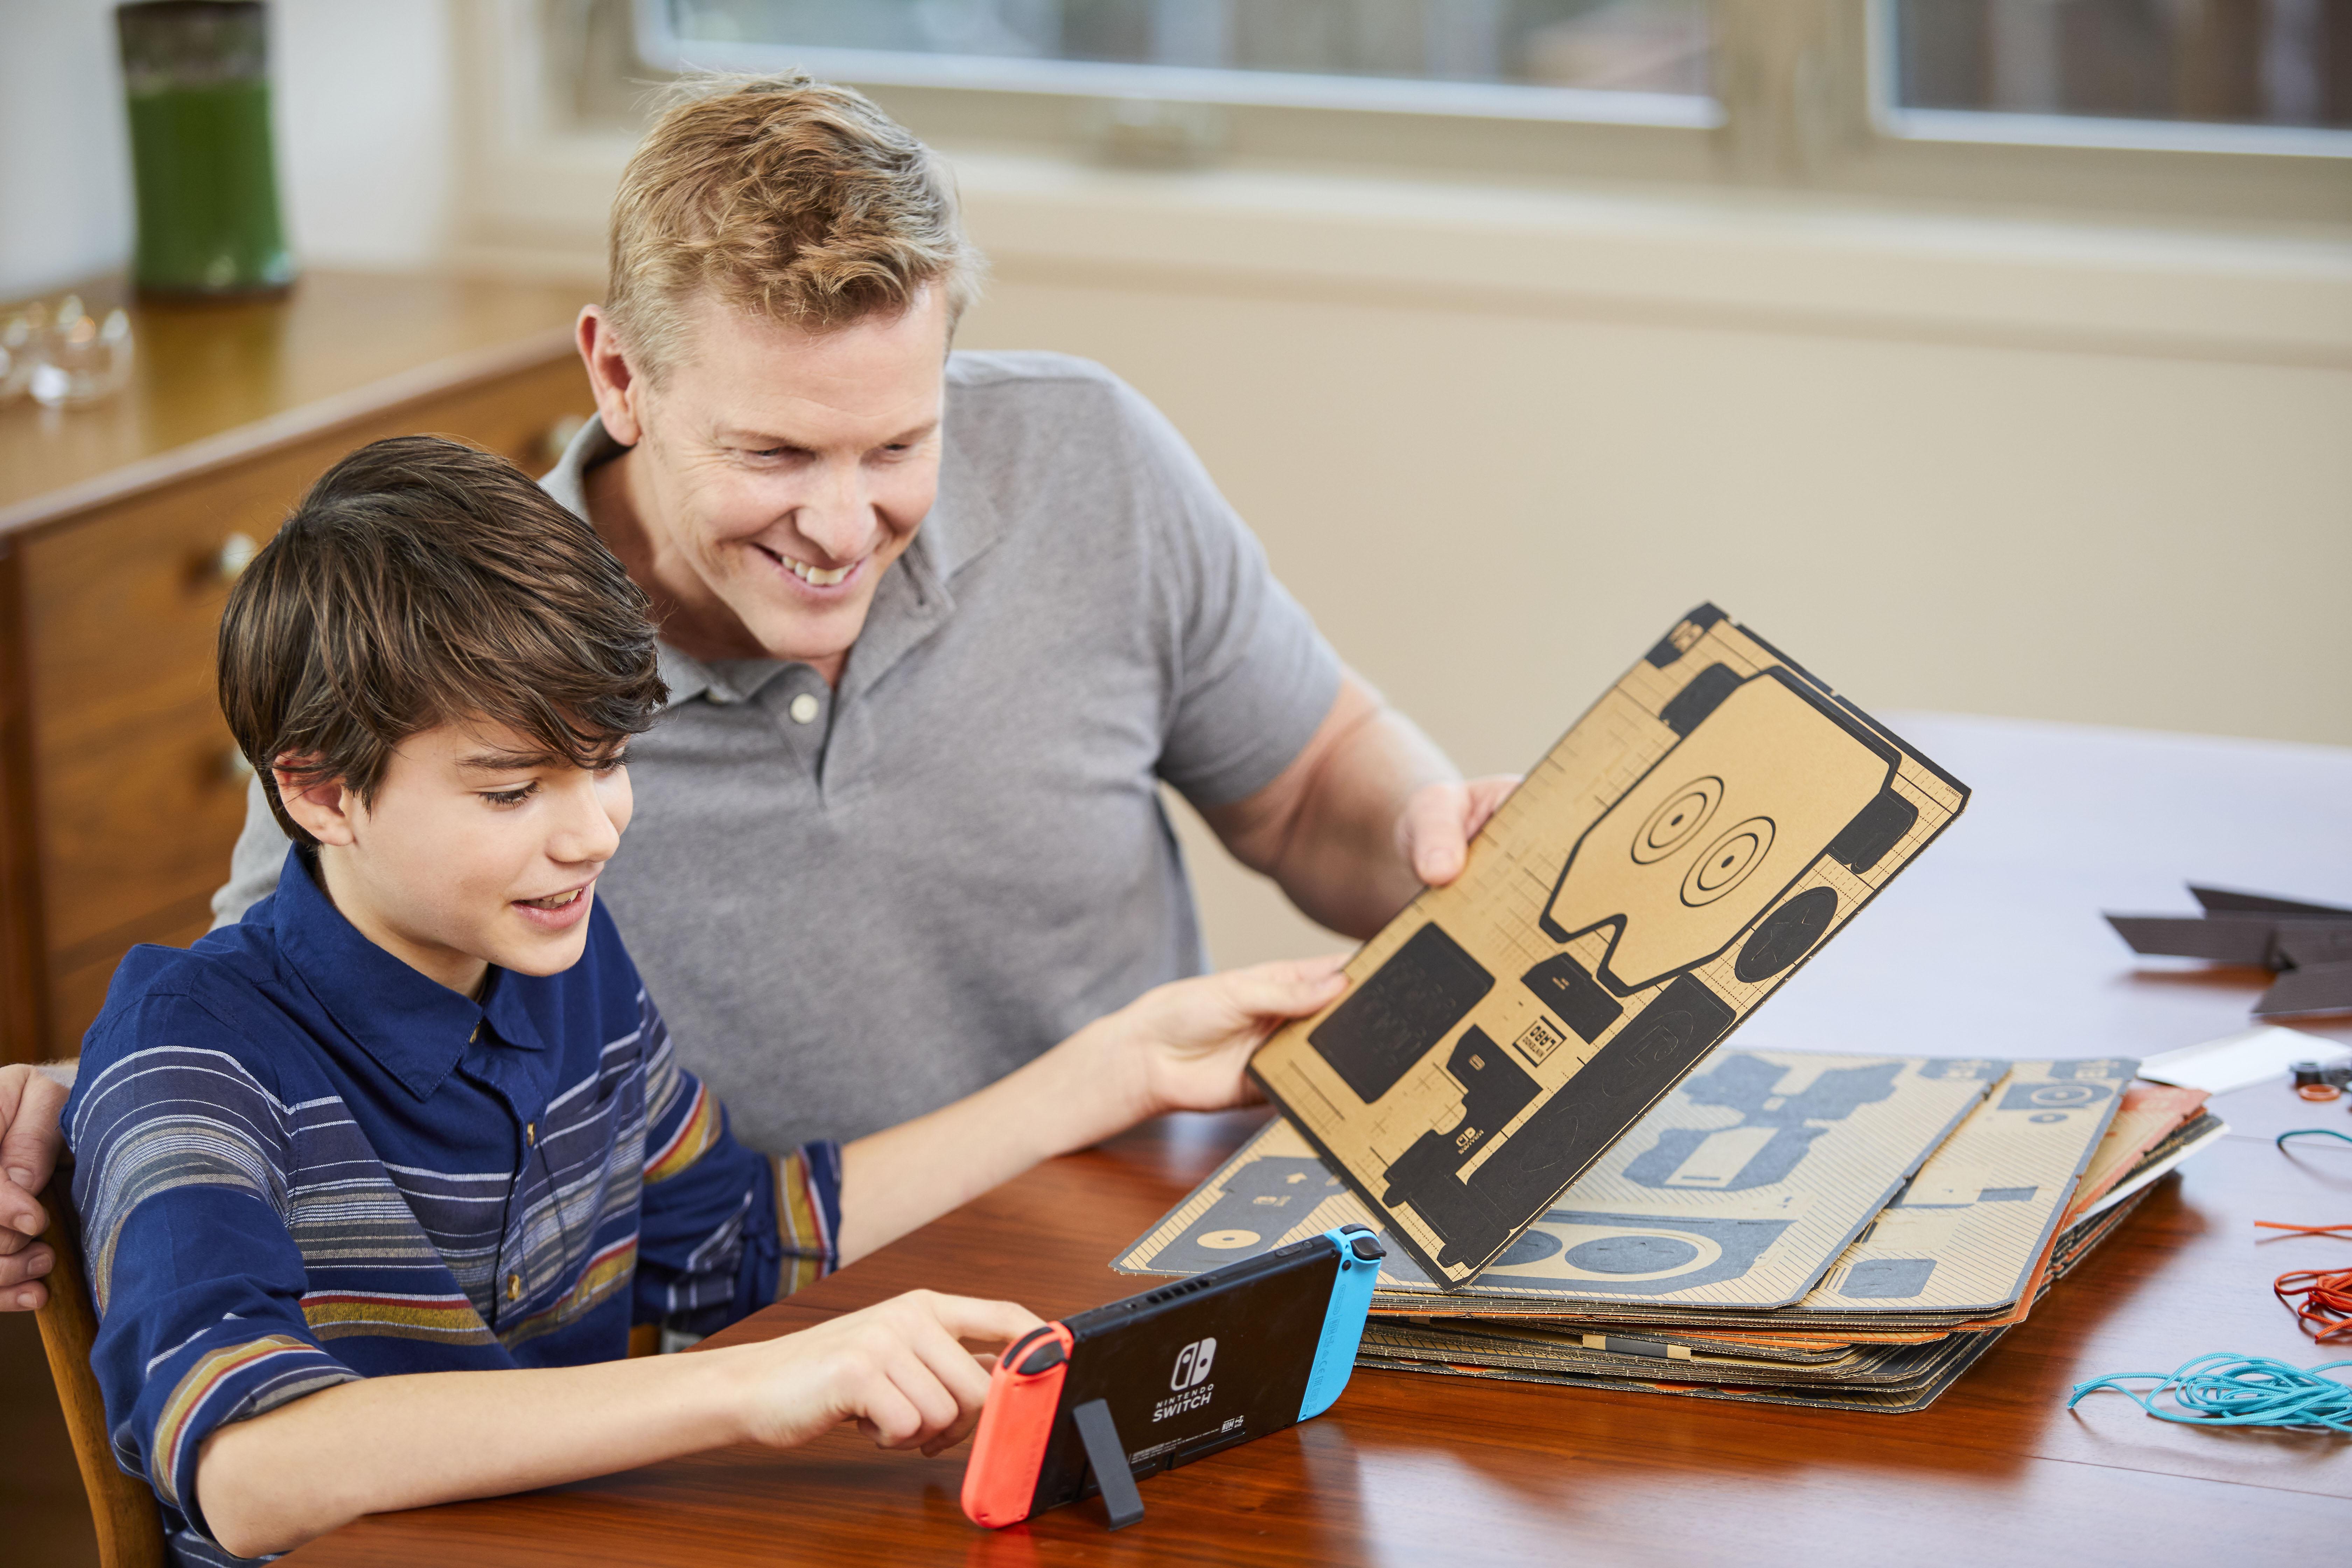 Les nouveaux accessoires en kit vont faire un carton — Nintendo Toy-Cons